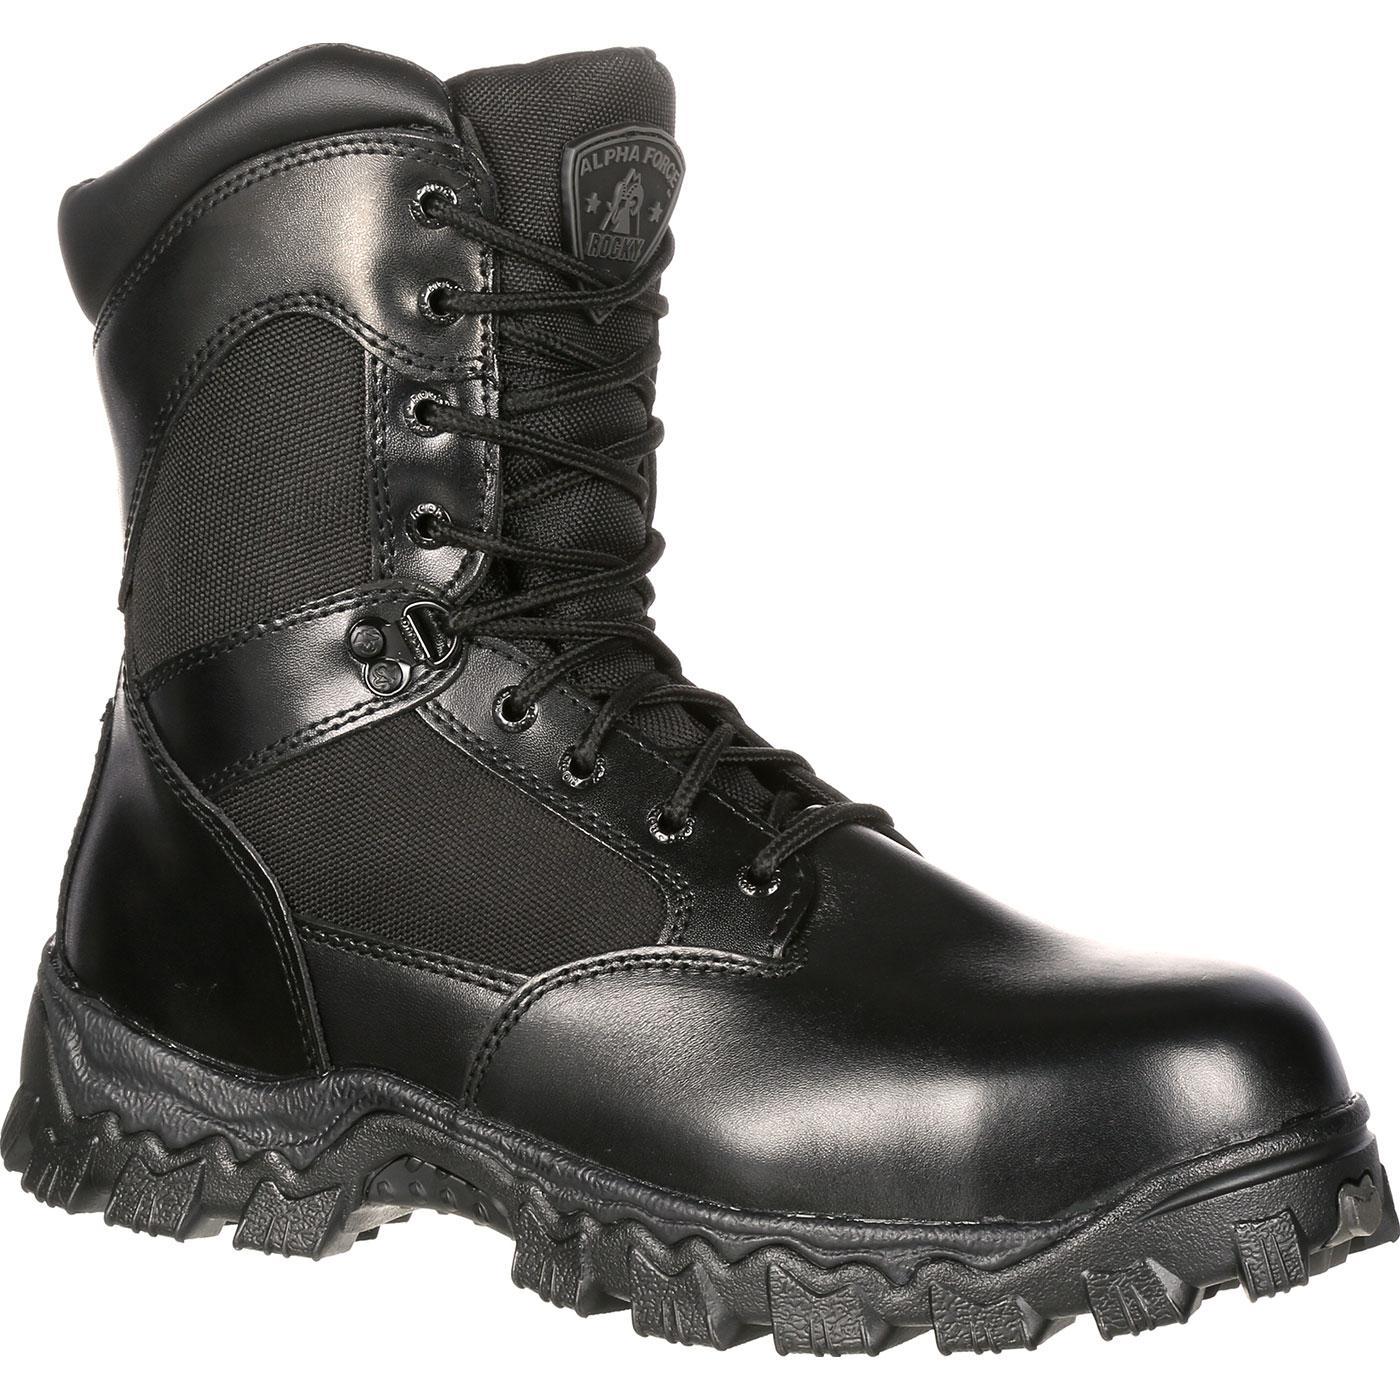 dc4cf634c45 Rocky AlphaForce Zipper Waterproof Duty Boot